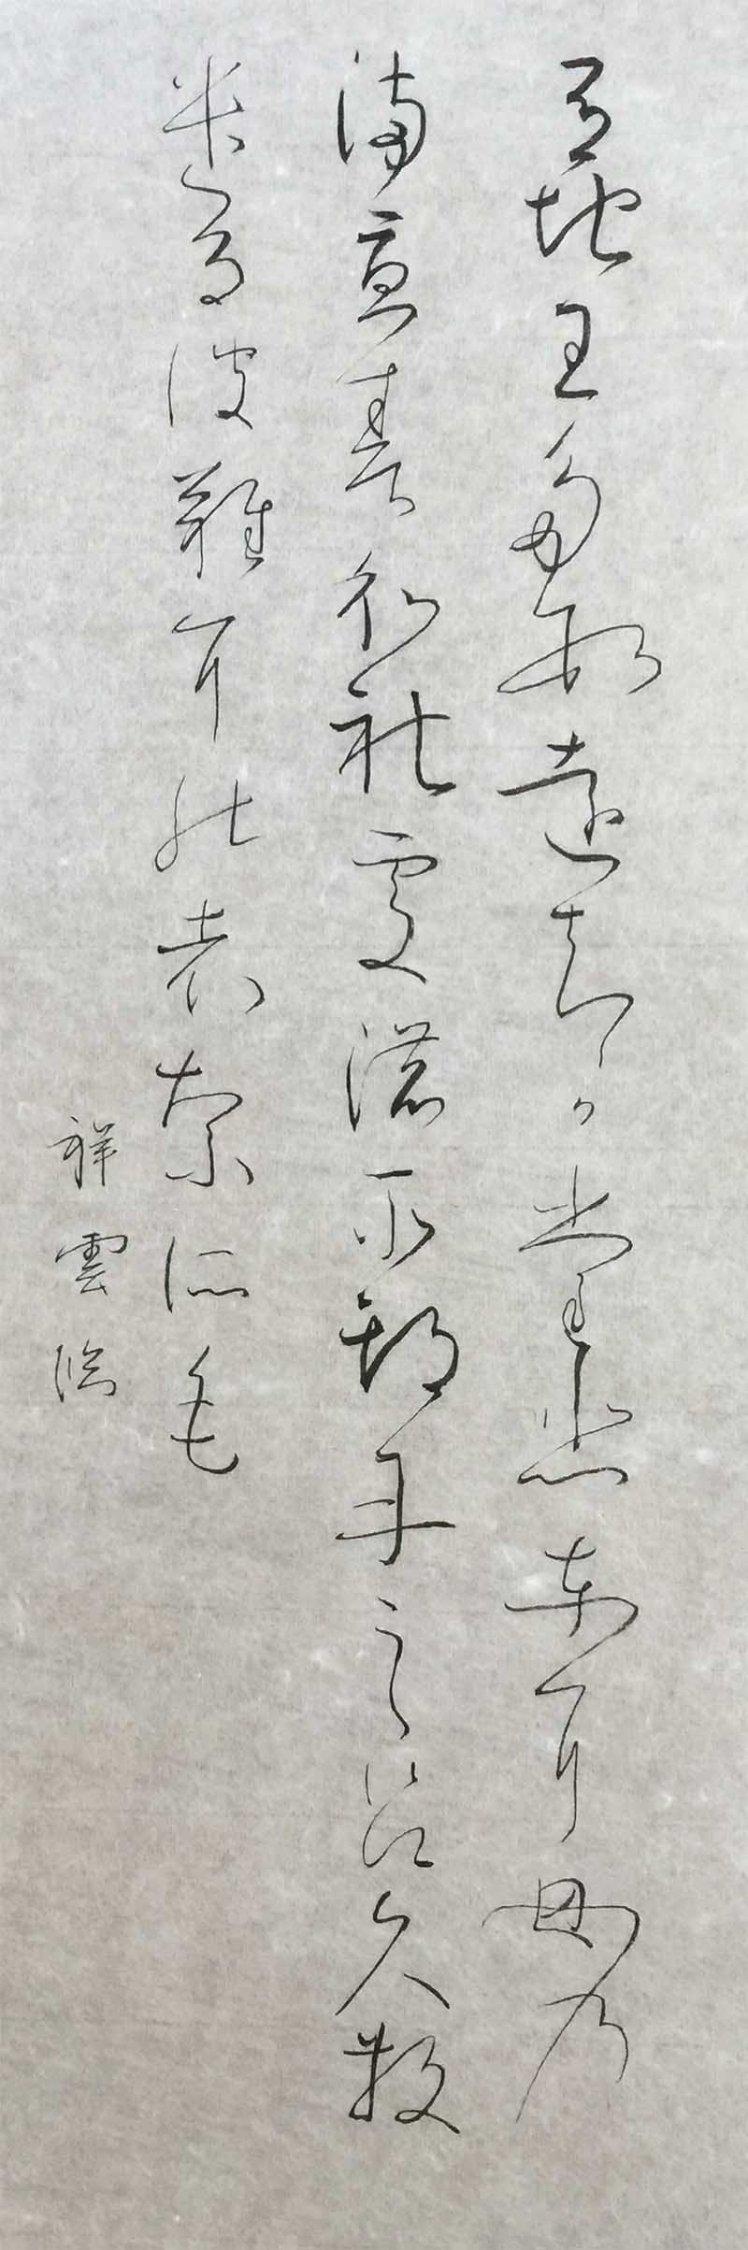 hiragana20160409